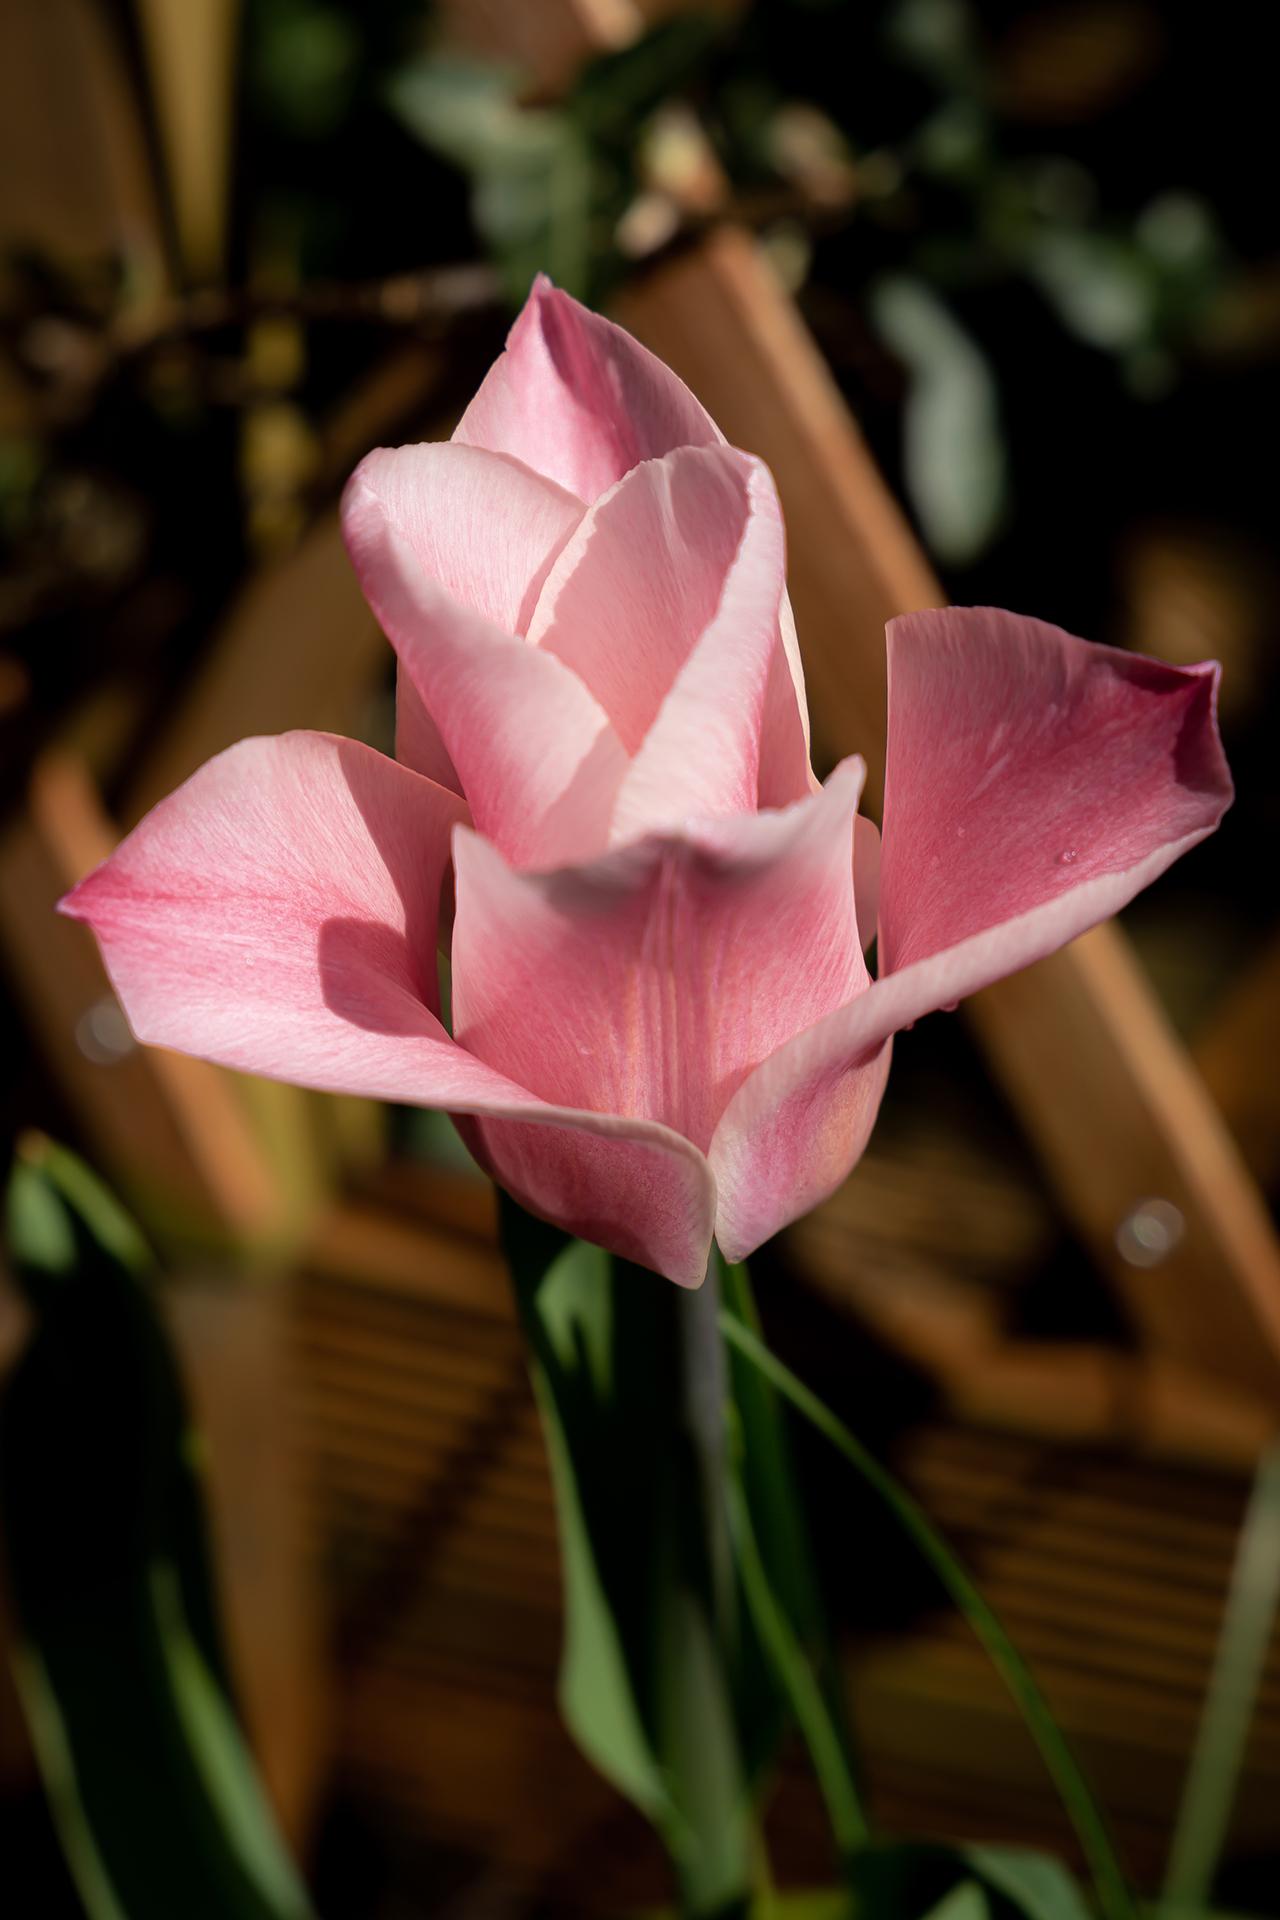 pinkwhite tulipa (1 of 1)